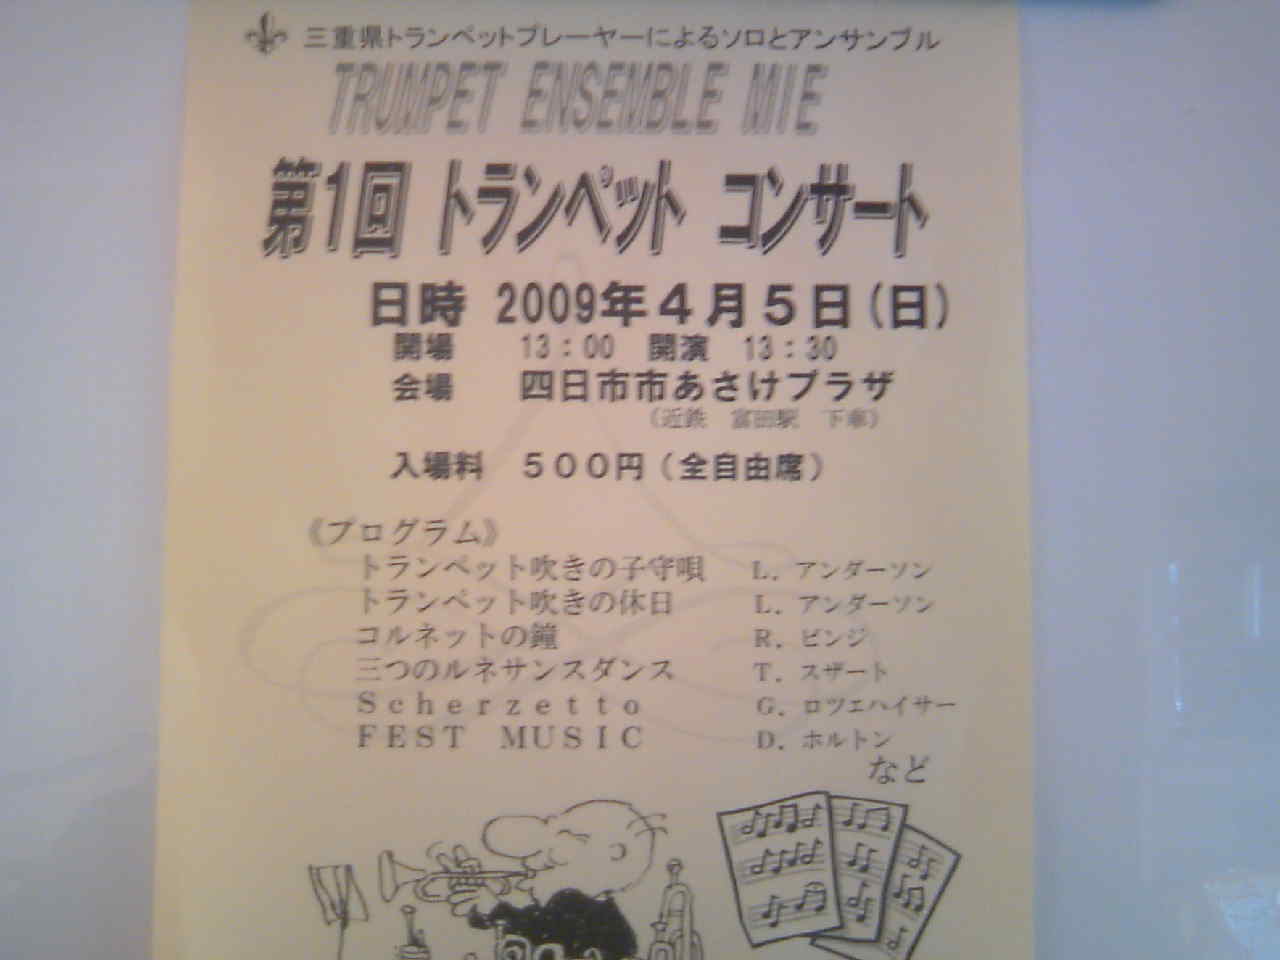 トランペットアンサンブル三重・first concert